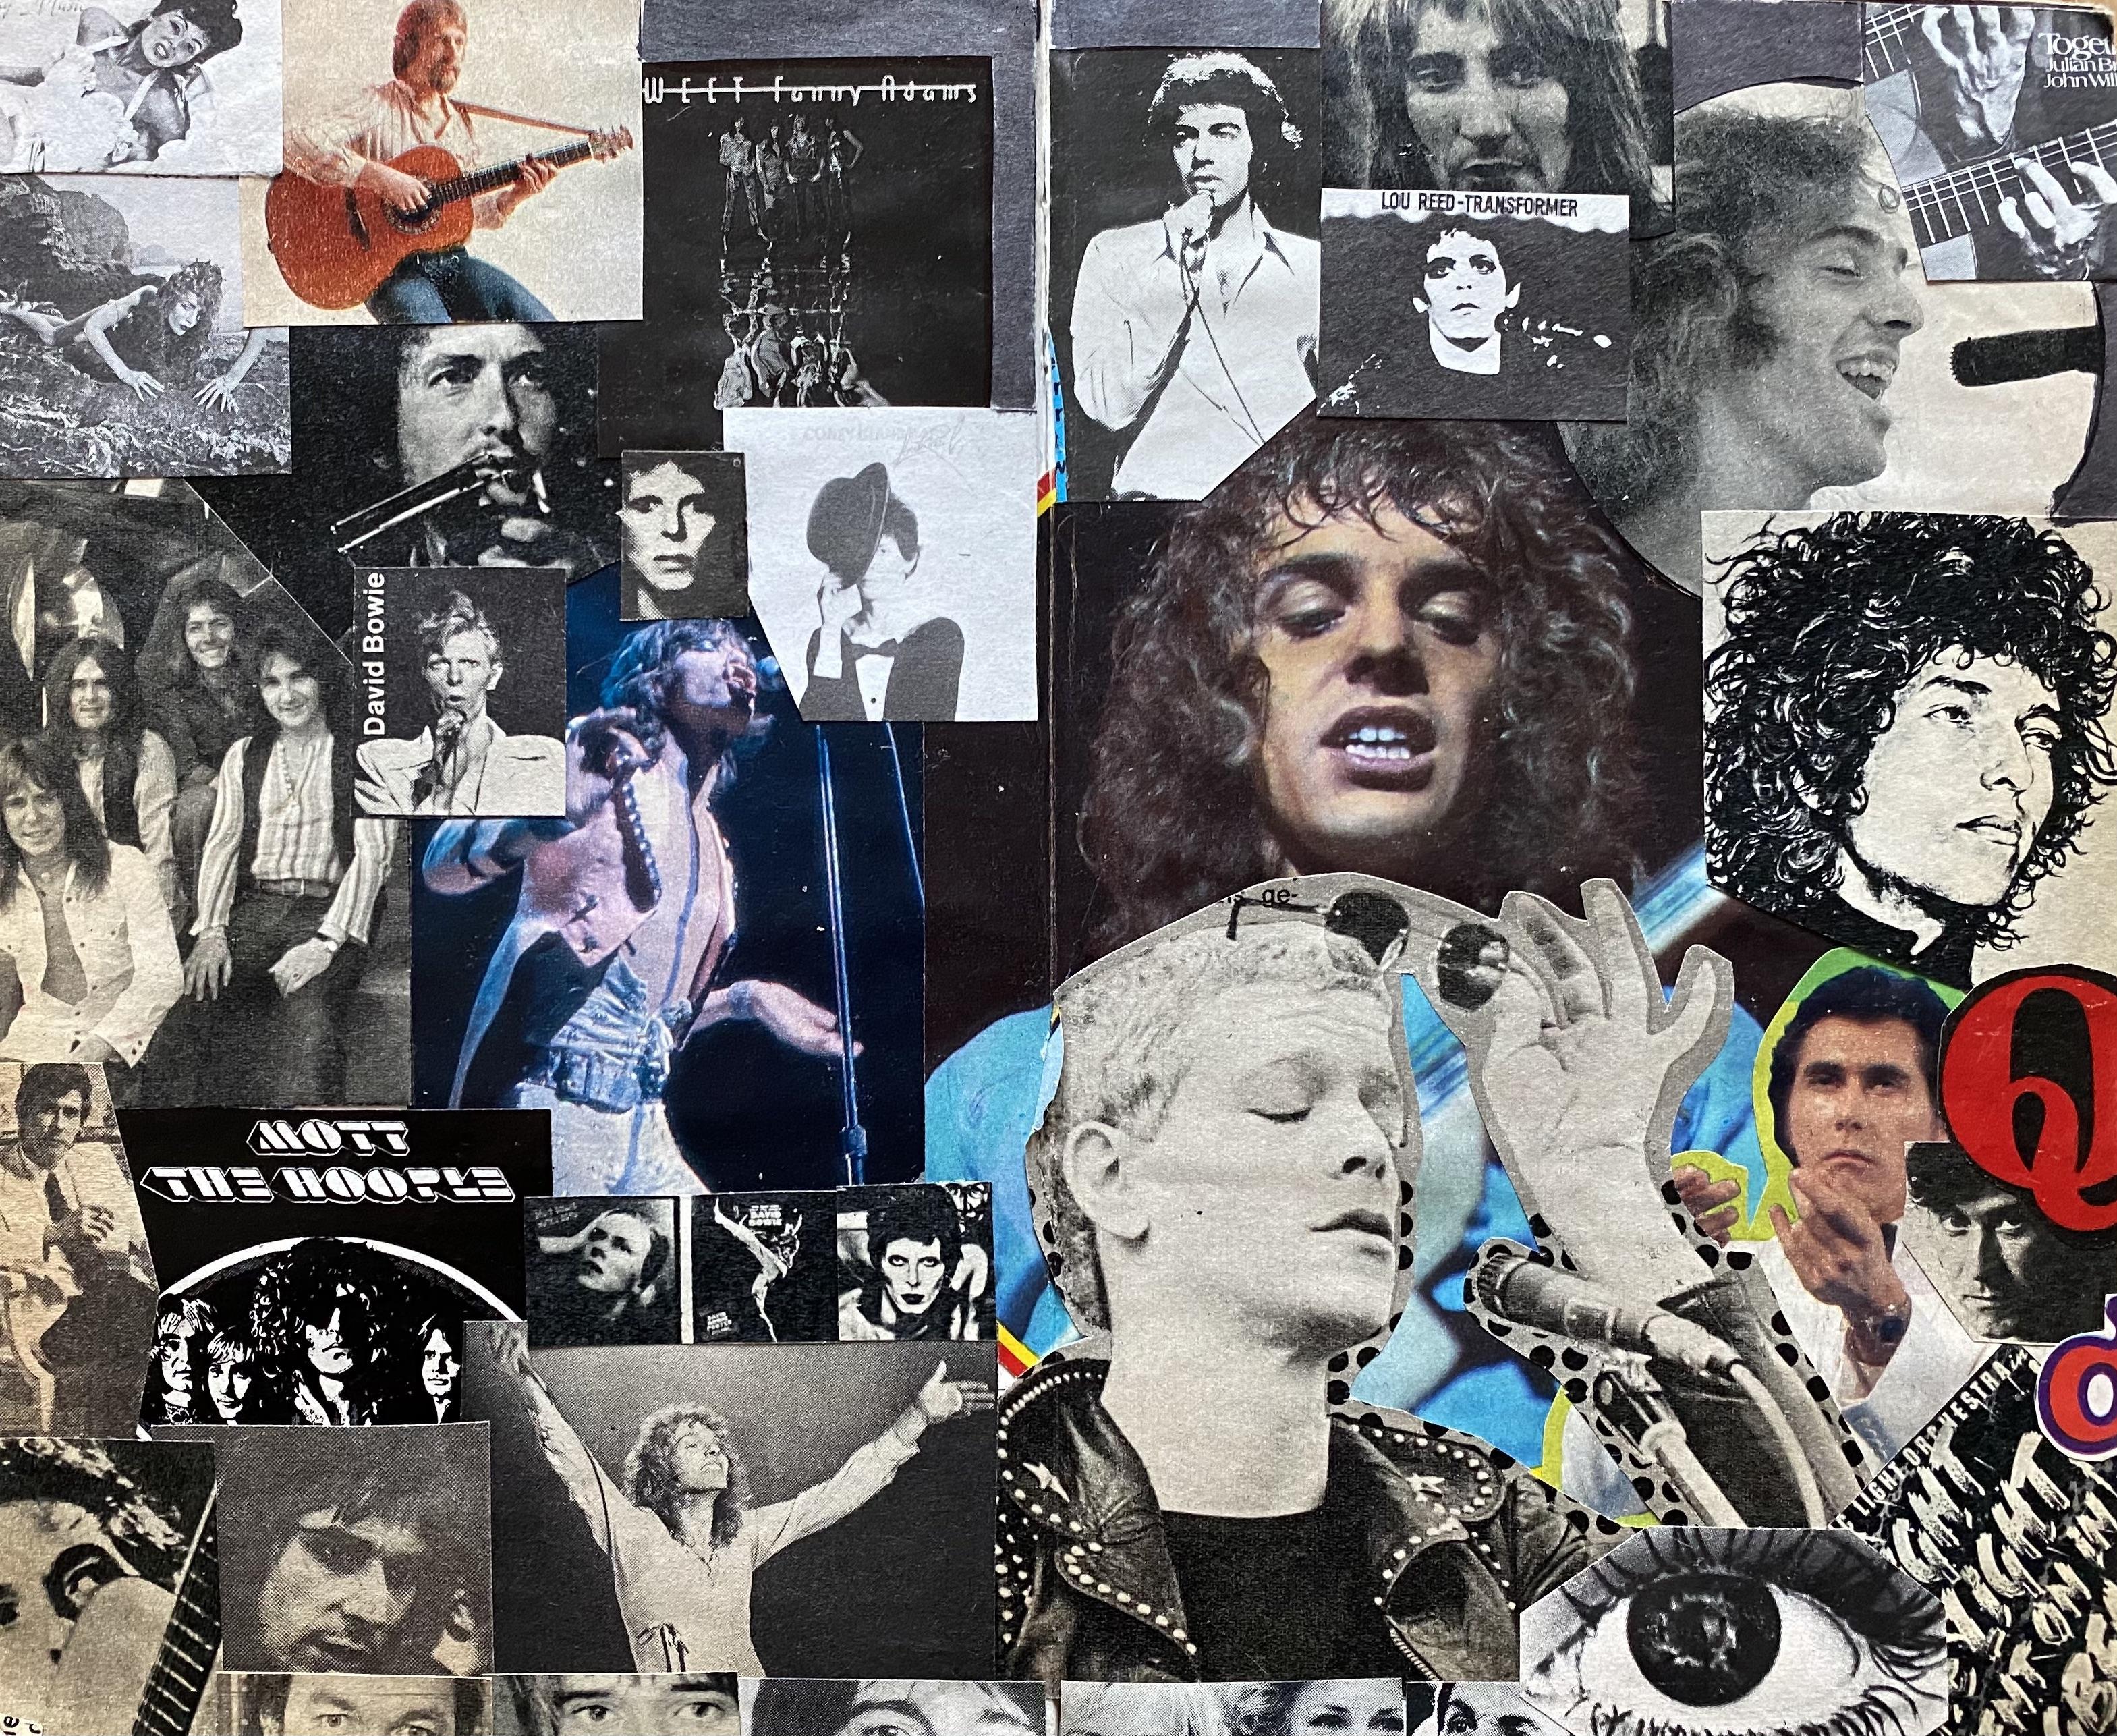 Zouden er nog posterbladen zijn als Popfoto, Joepie en Bravo? Je kon er een halve eeuw geleden makkelijk een vierkante meter muur mee behangen [column 60 seconden]